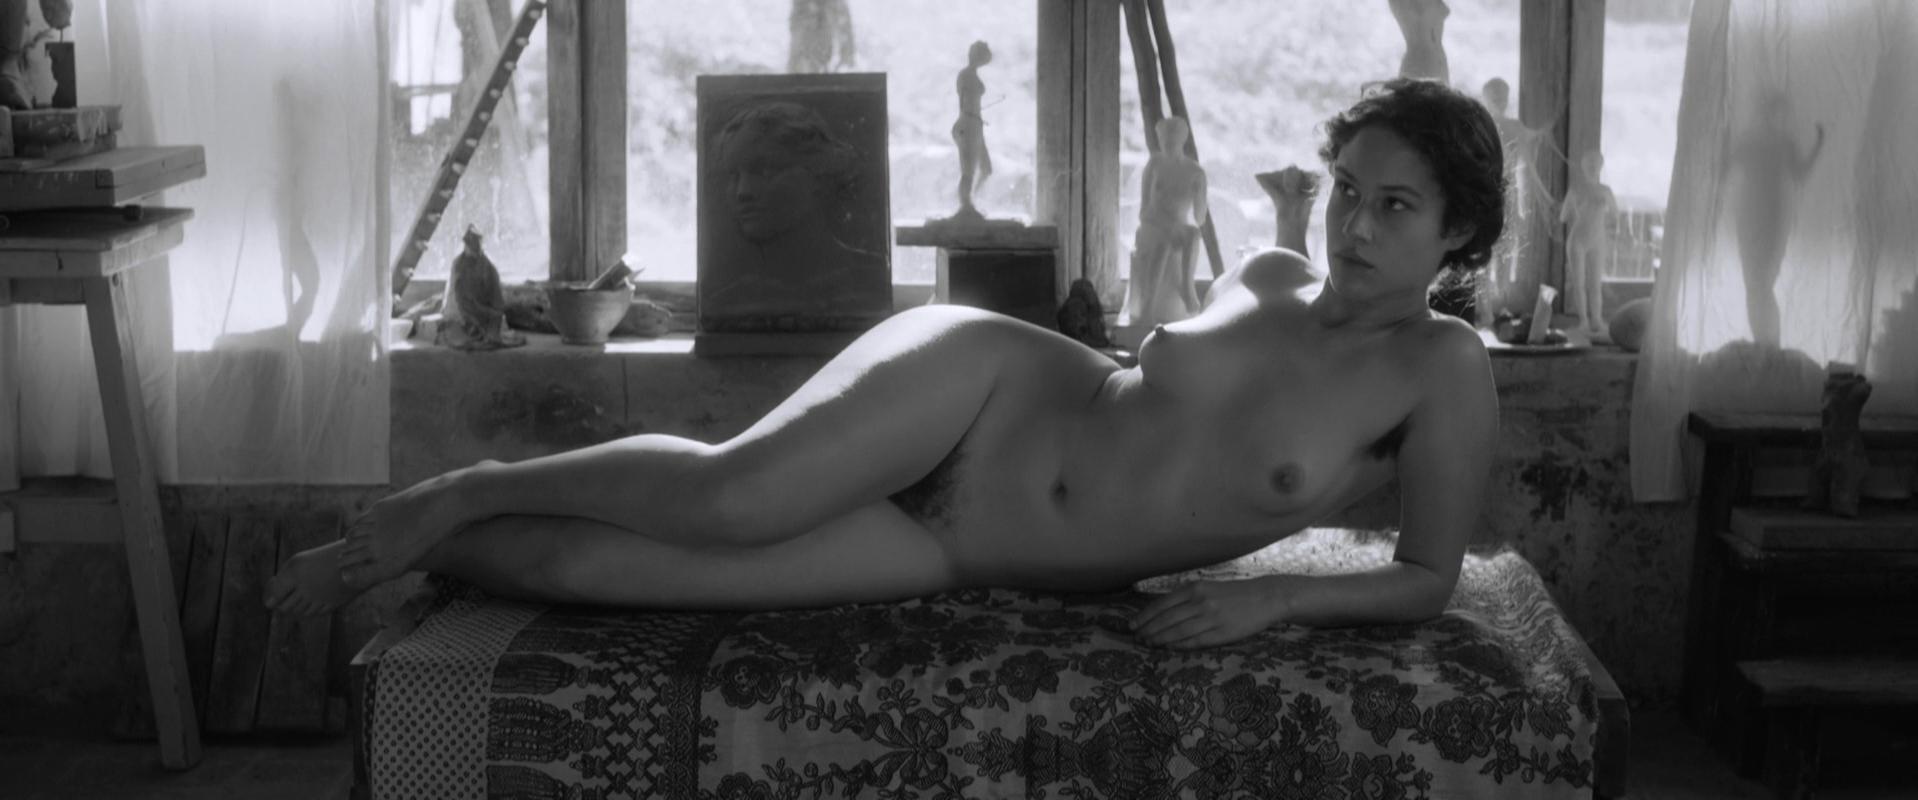 Aida Folch nude - El artista y la modelo (2012)